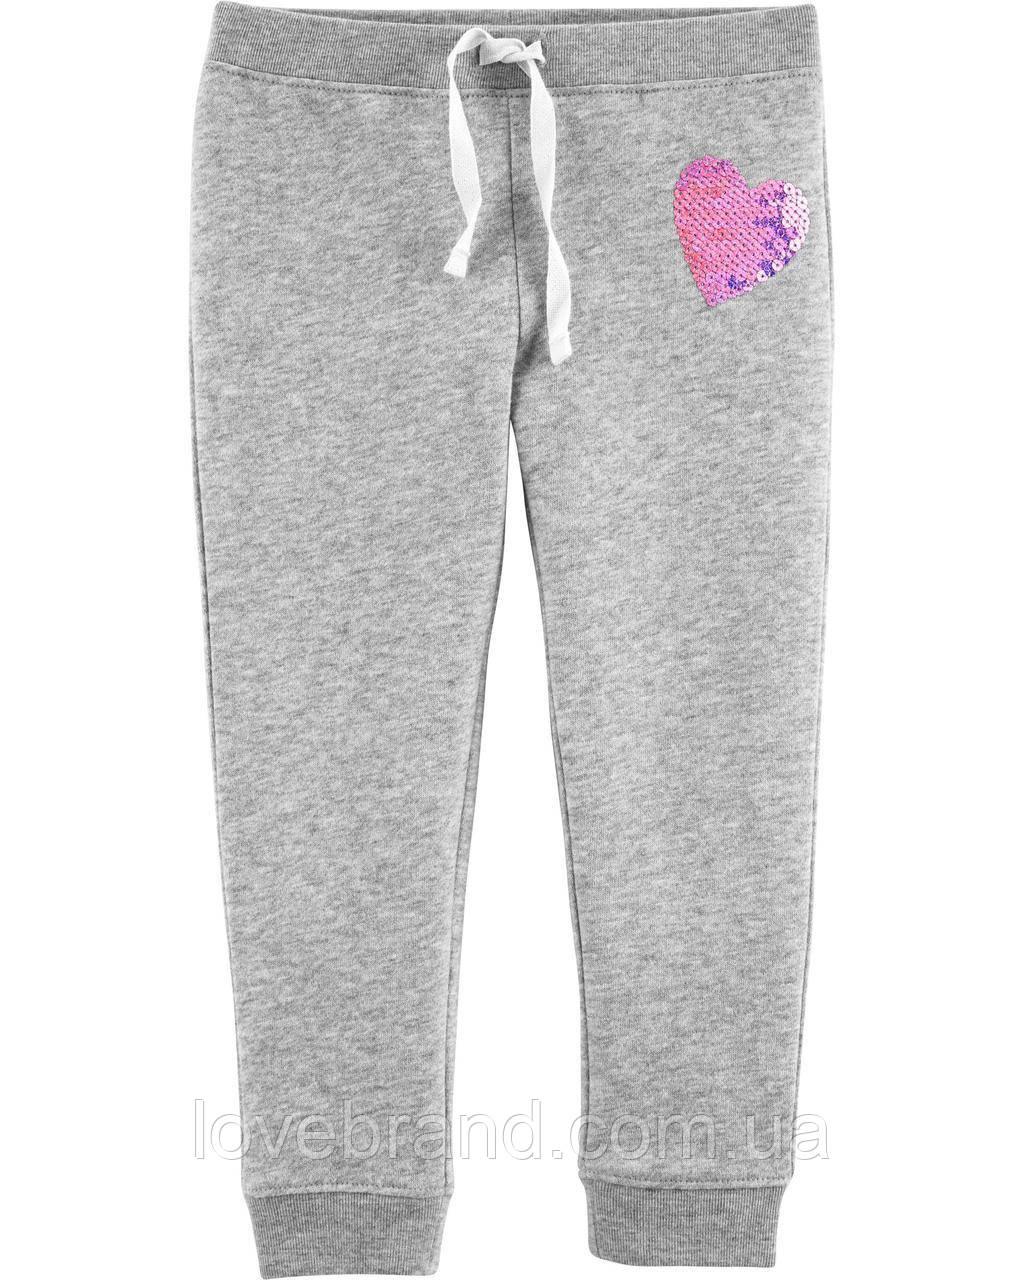 Теплые спортивные штаны для девочки Carter's серые,детские штанишки на флисе картерс